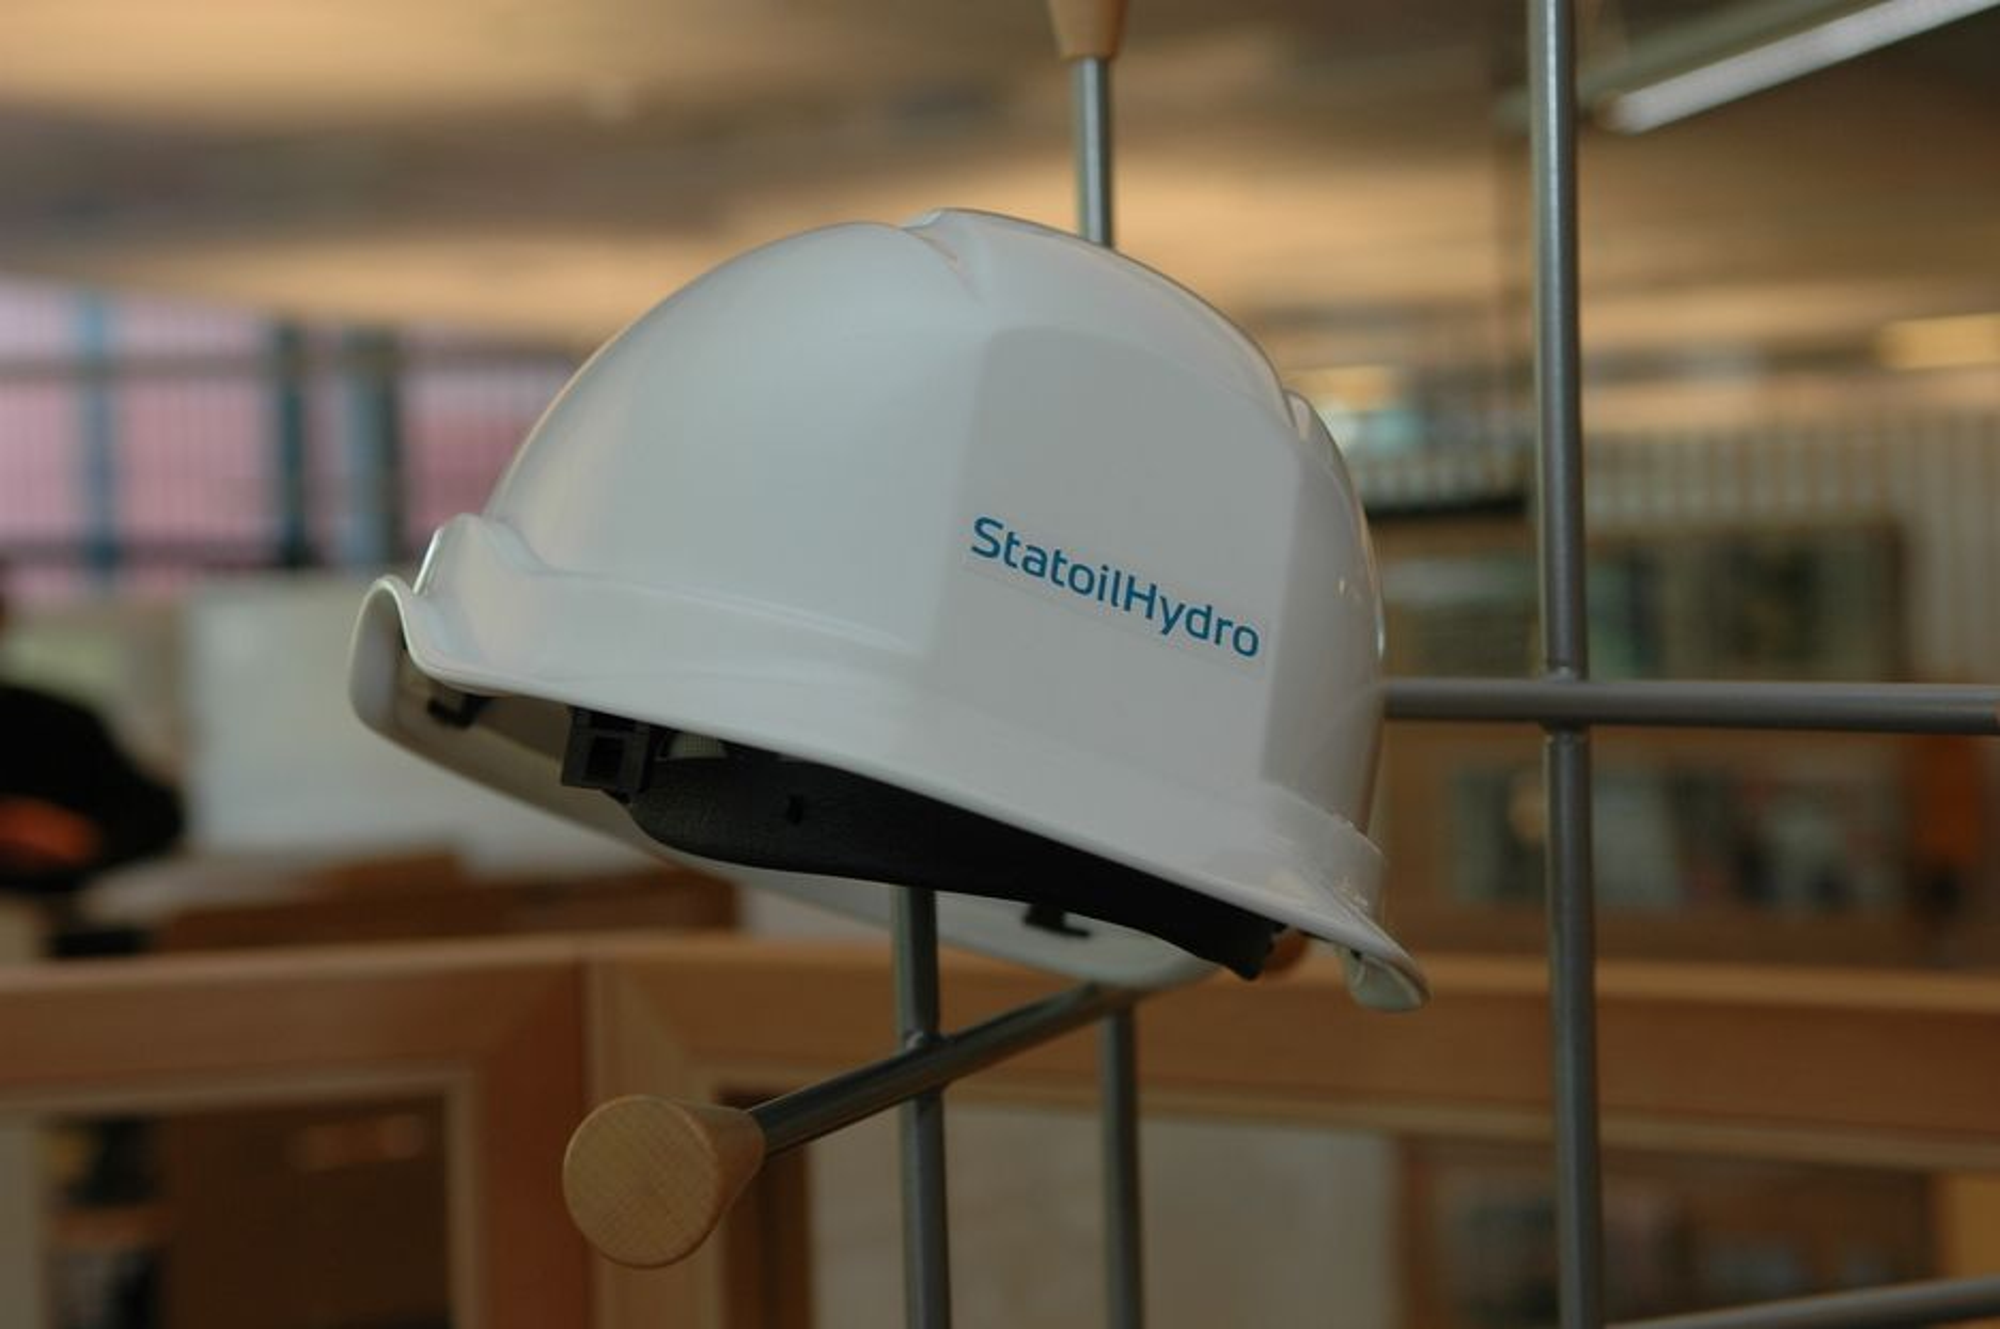 PLUKKER DE BESTE: Hodene som skal delta i den internasjonale planleggingsfasen for Shtockman-utbyggingen plukkes nå ut i StatoilHydro.